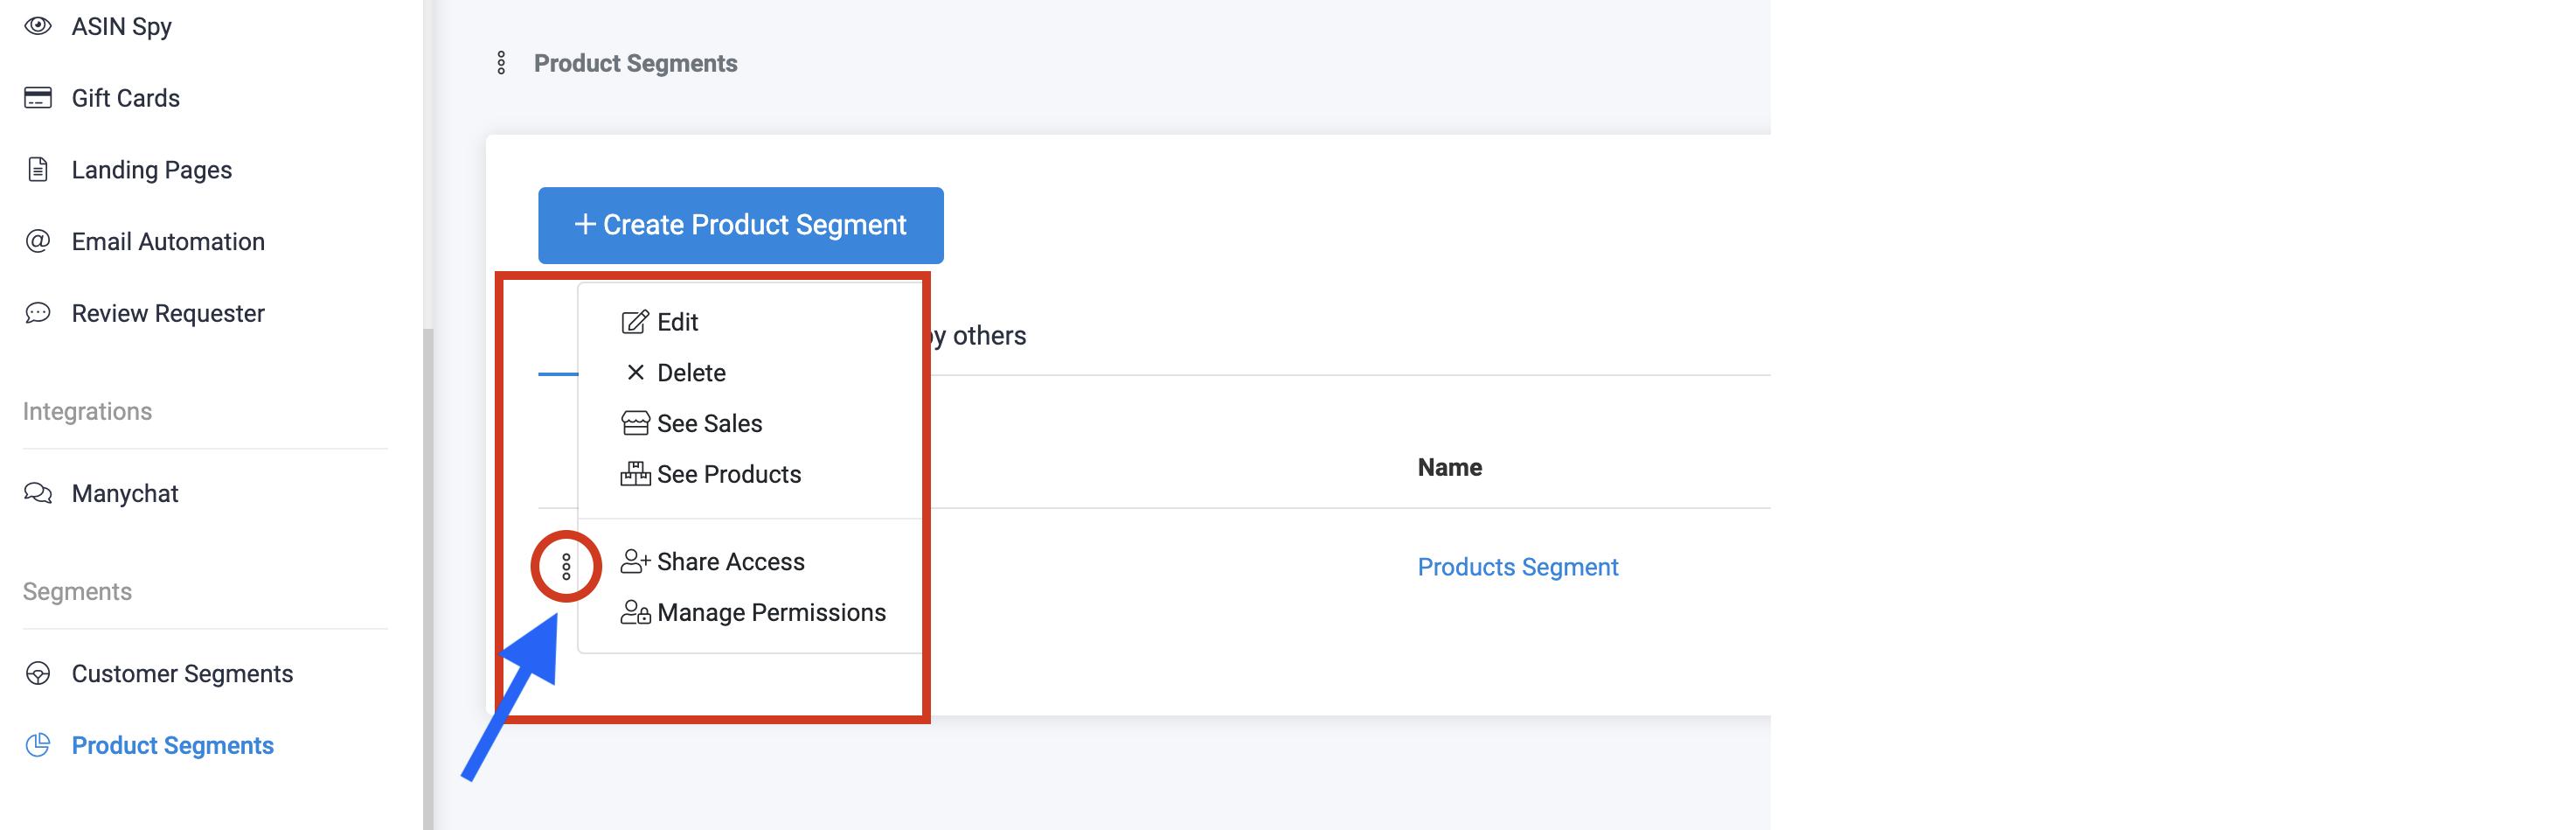 Product Segments-Segments Menu